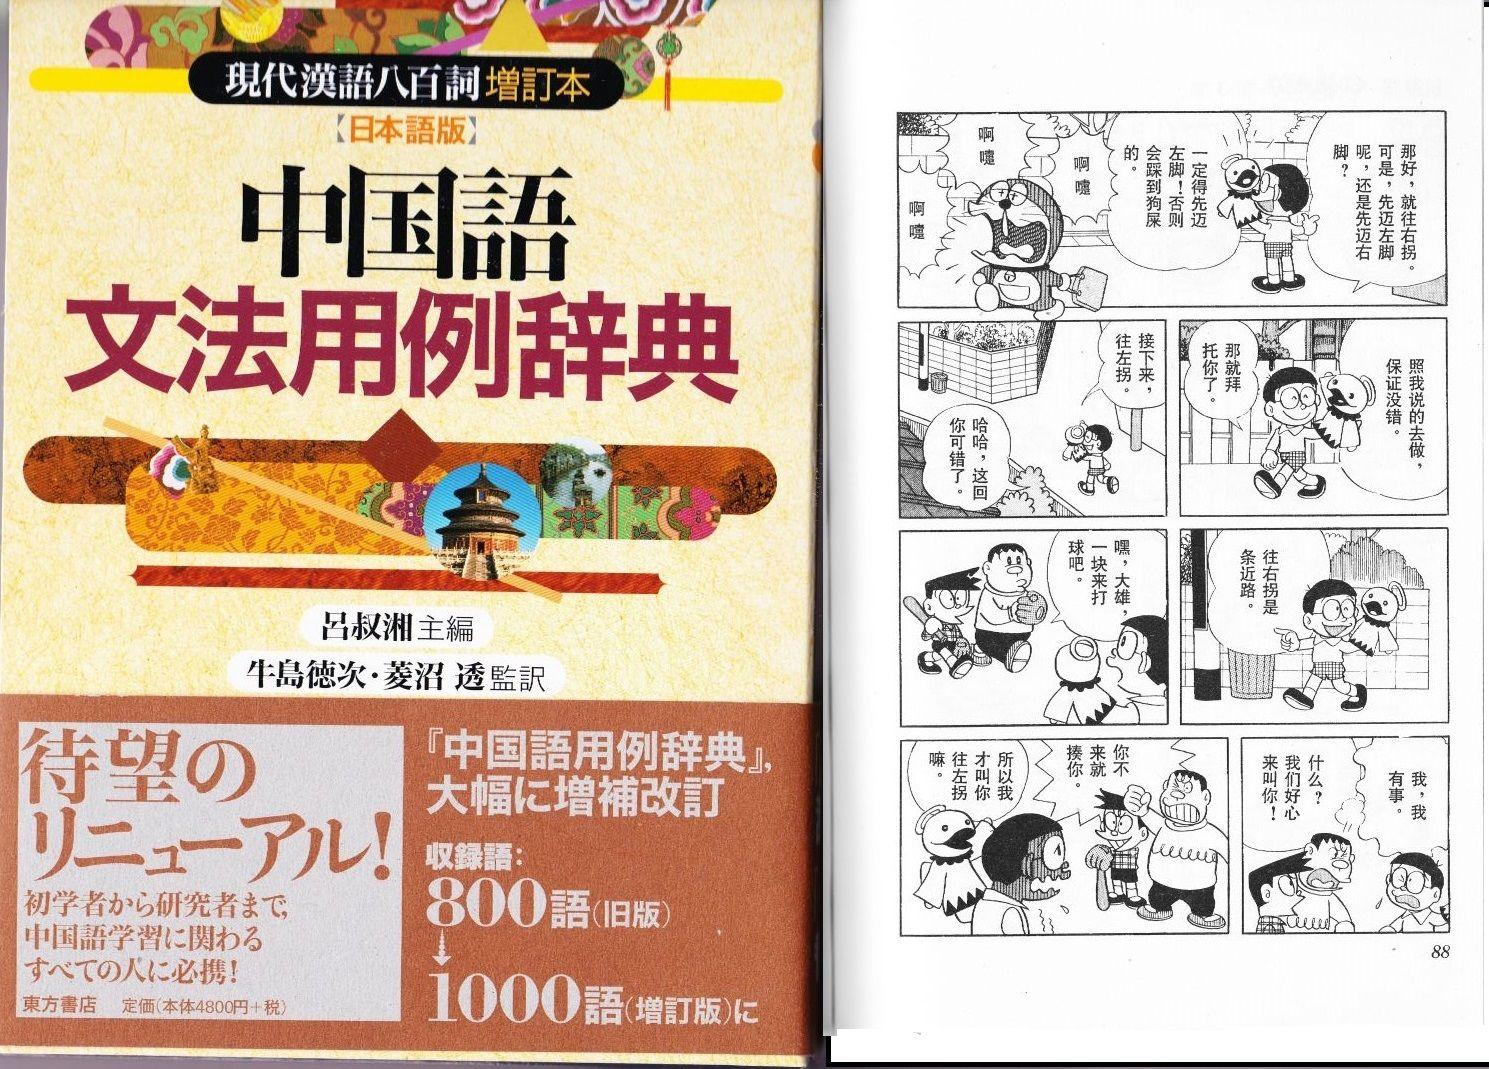 「中国語文法用例辞典」購入~ドラえもん理解のために(16年7月31日)_c0059093_16142353.jpg